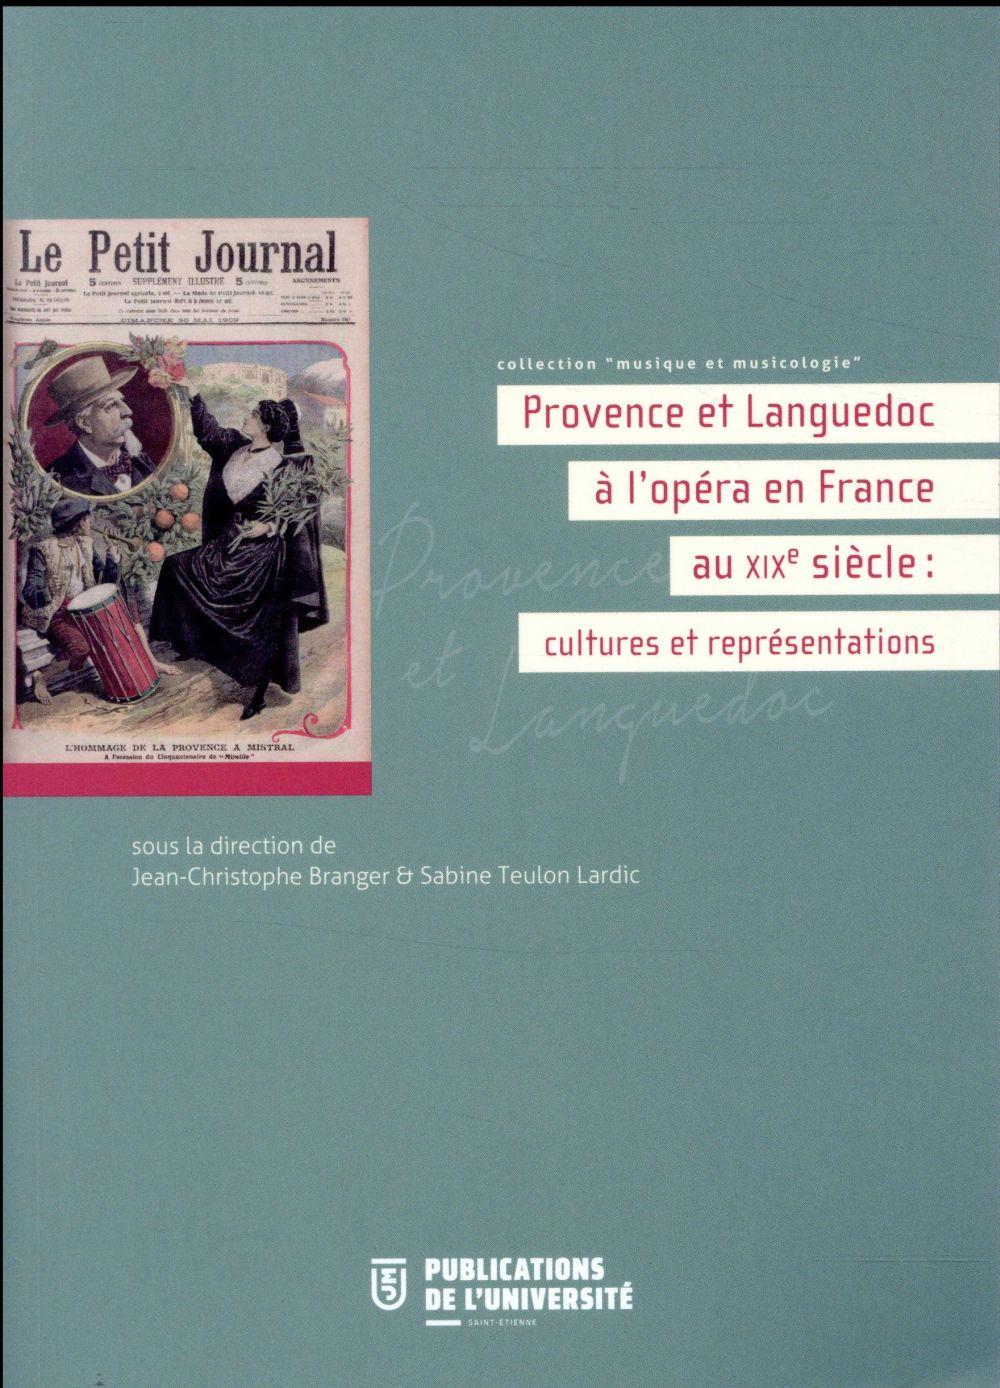 Provence et Languedoc à l'opéra en France au XIXe siècle : cultures et représentations